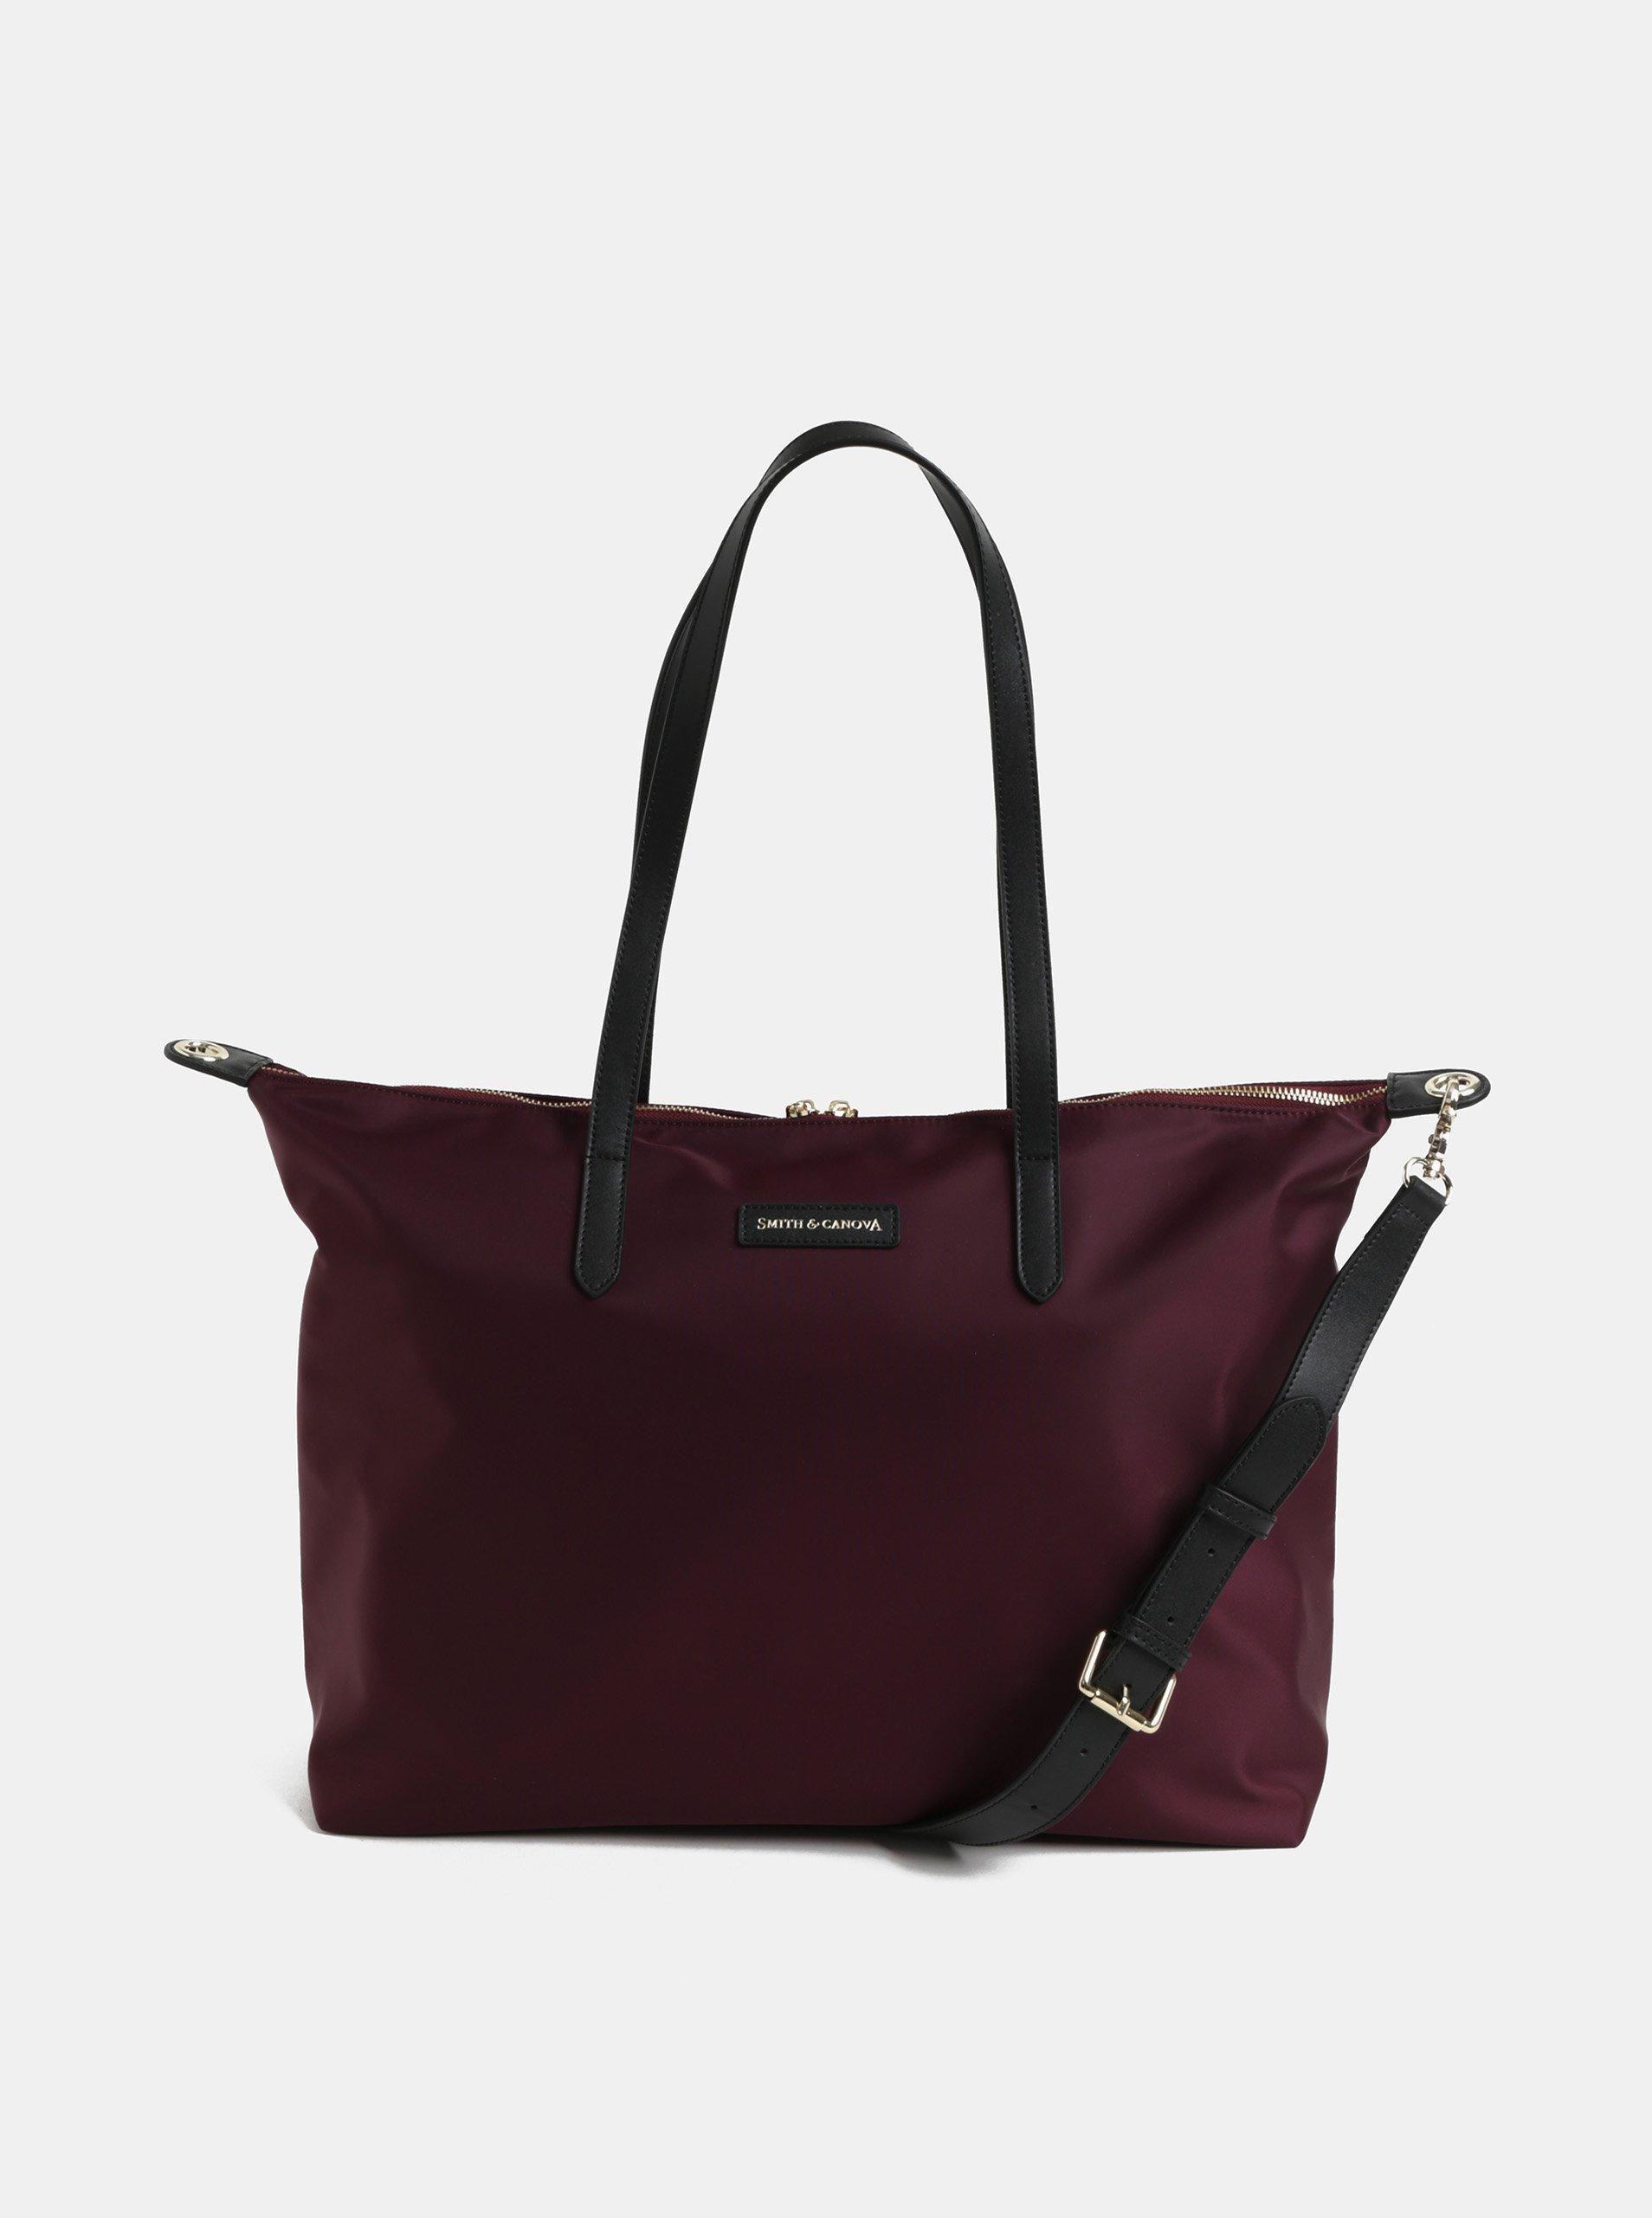 ed0c5fc6c6 Vínová cestovní taška s kapsou na notebook a koženými detaily Smith   Canova